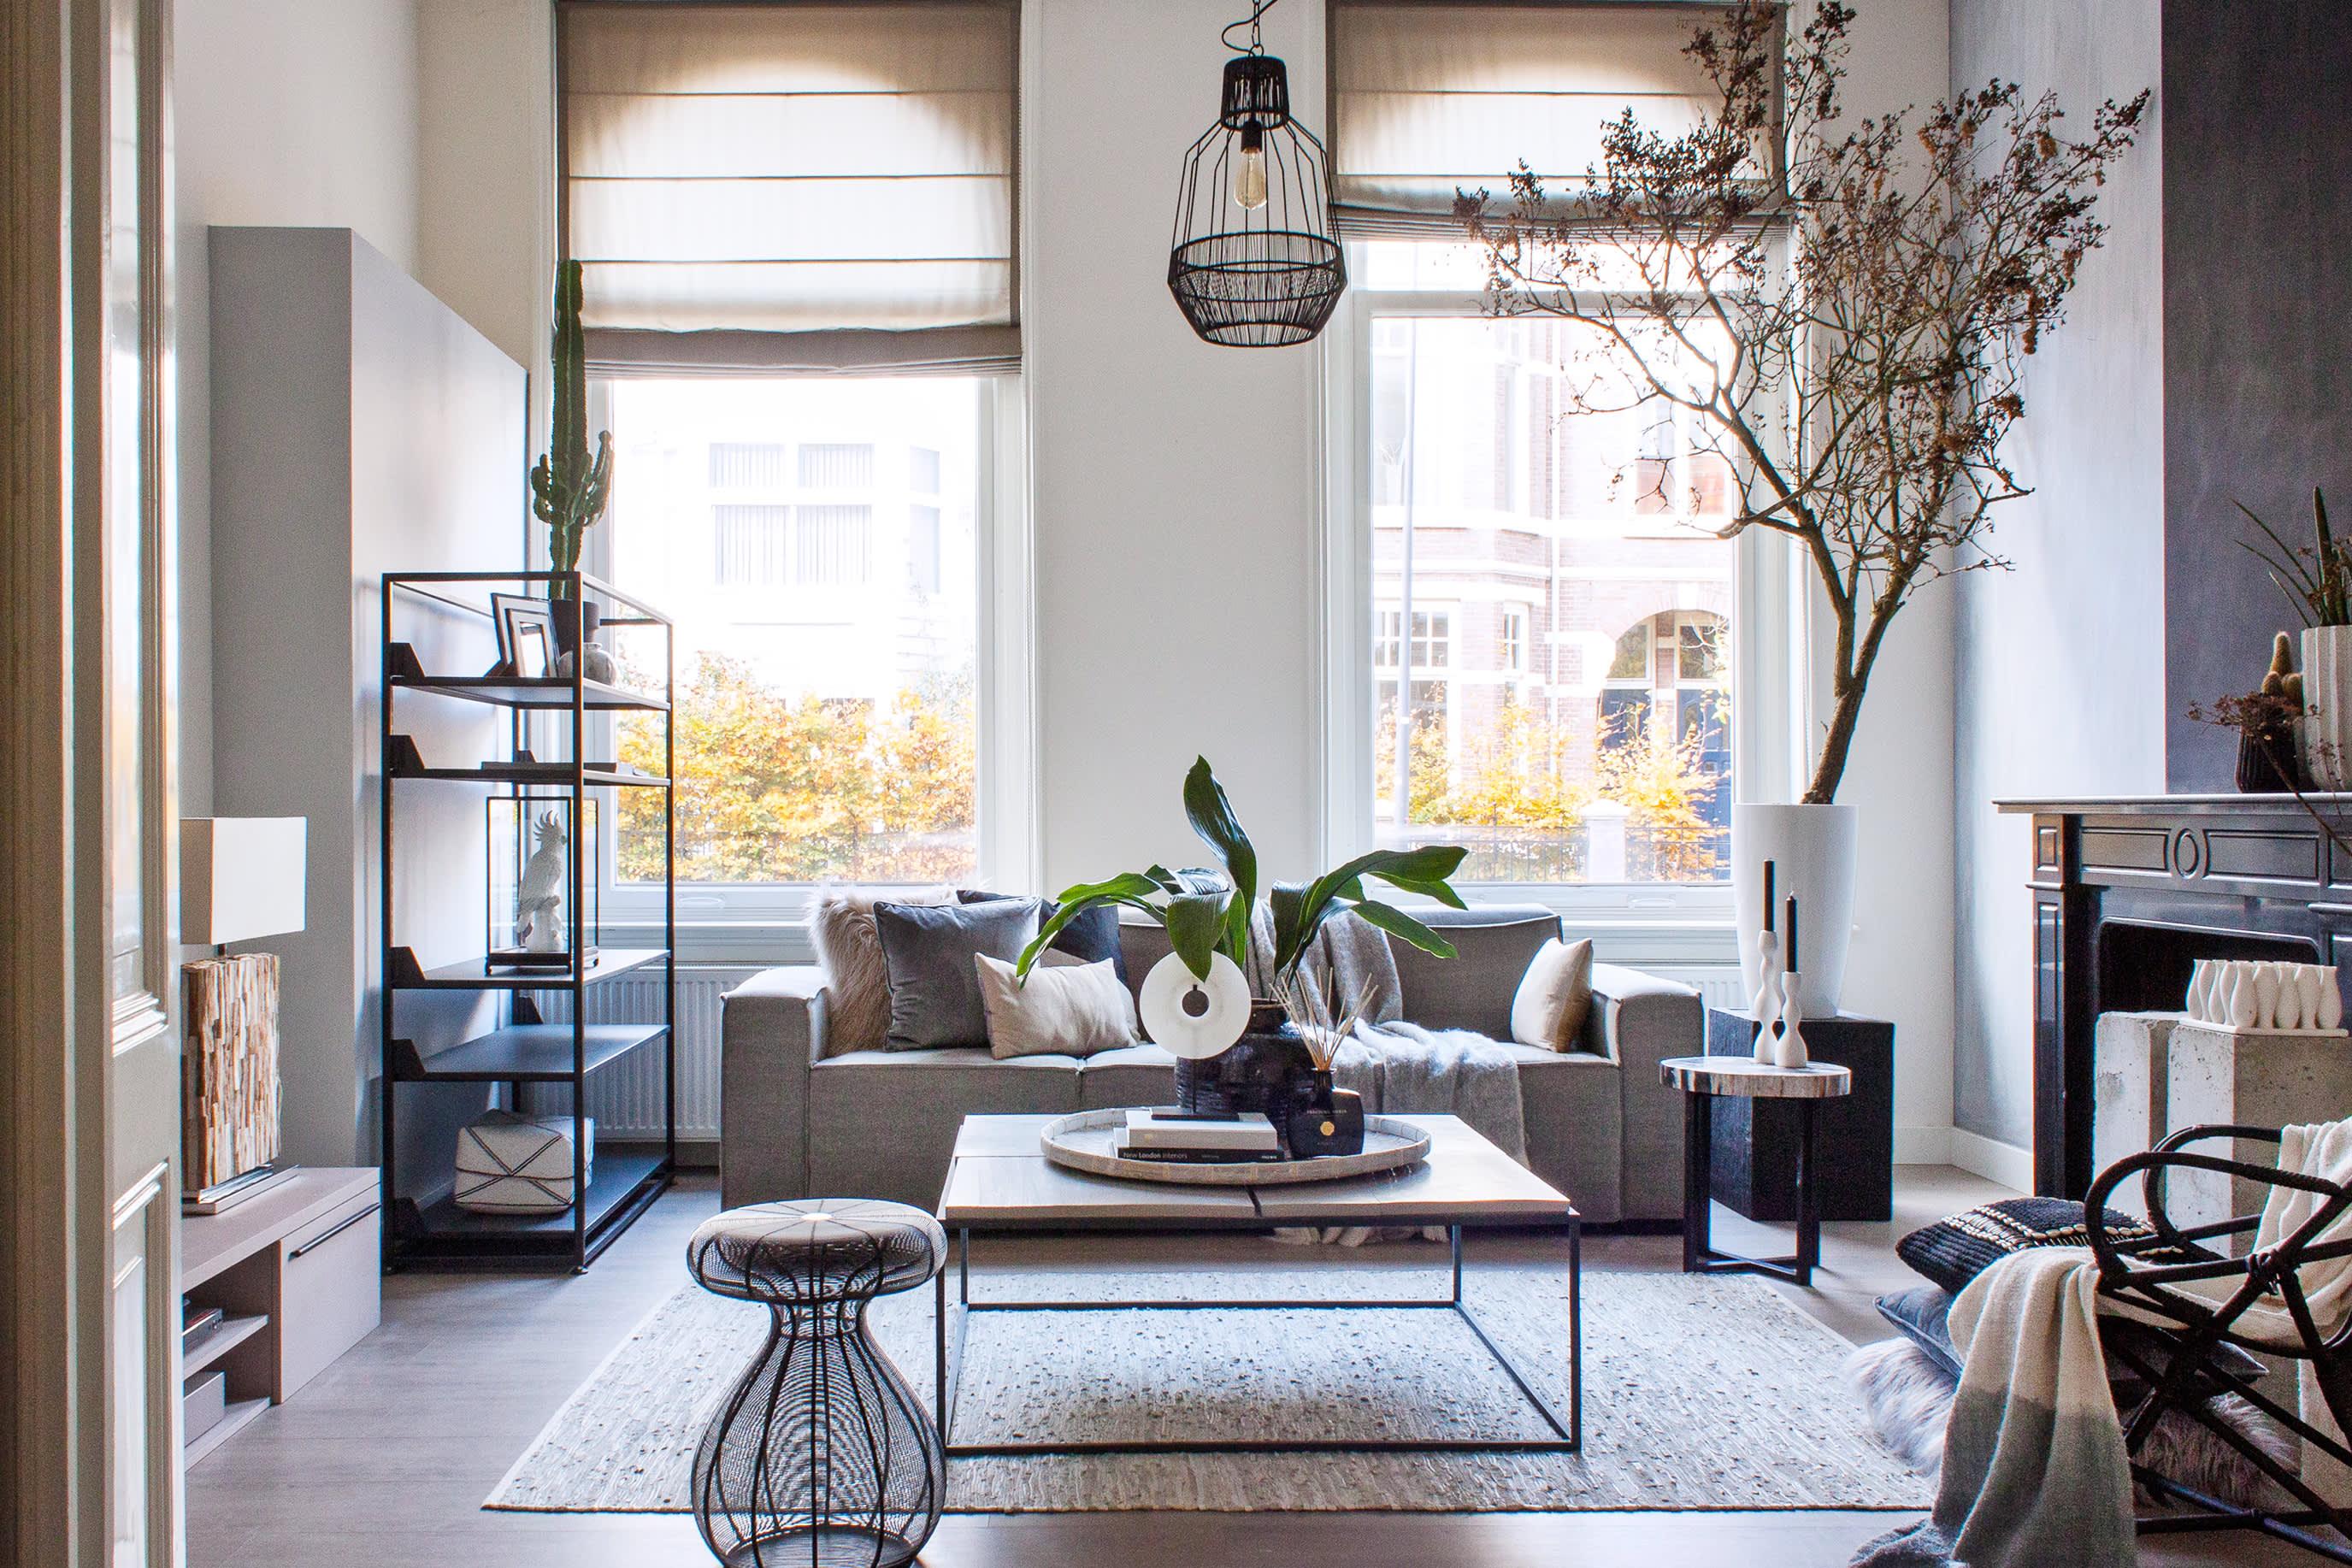 House Tour Klaas Hogeweg S Black White Dutch Home Apartment Therapy